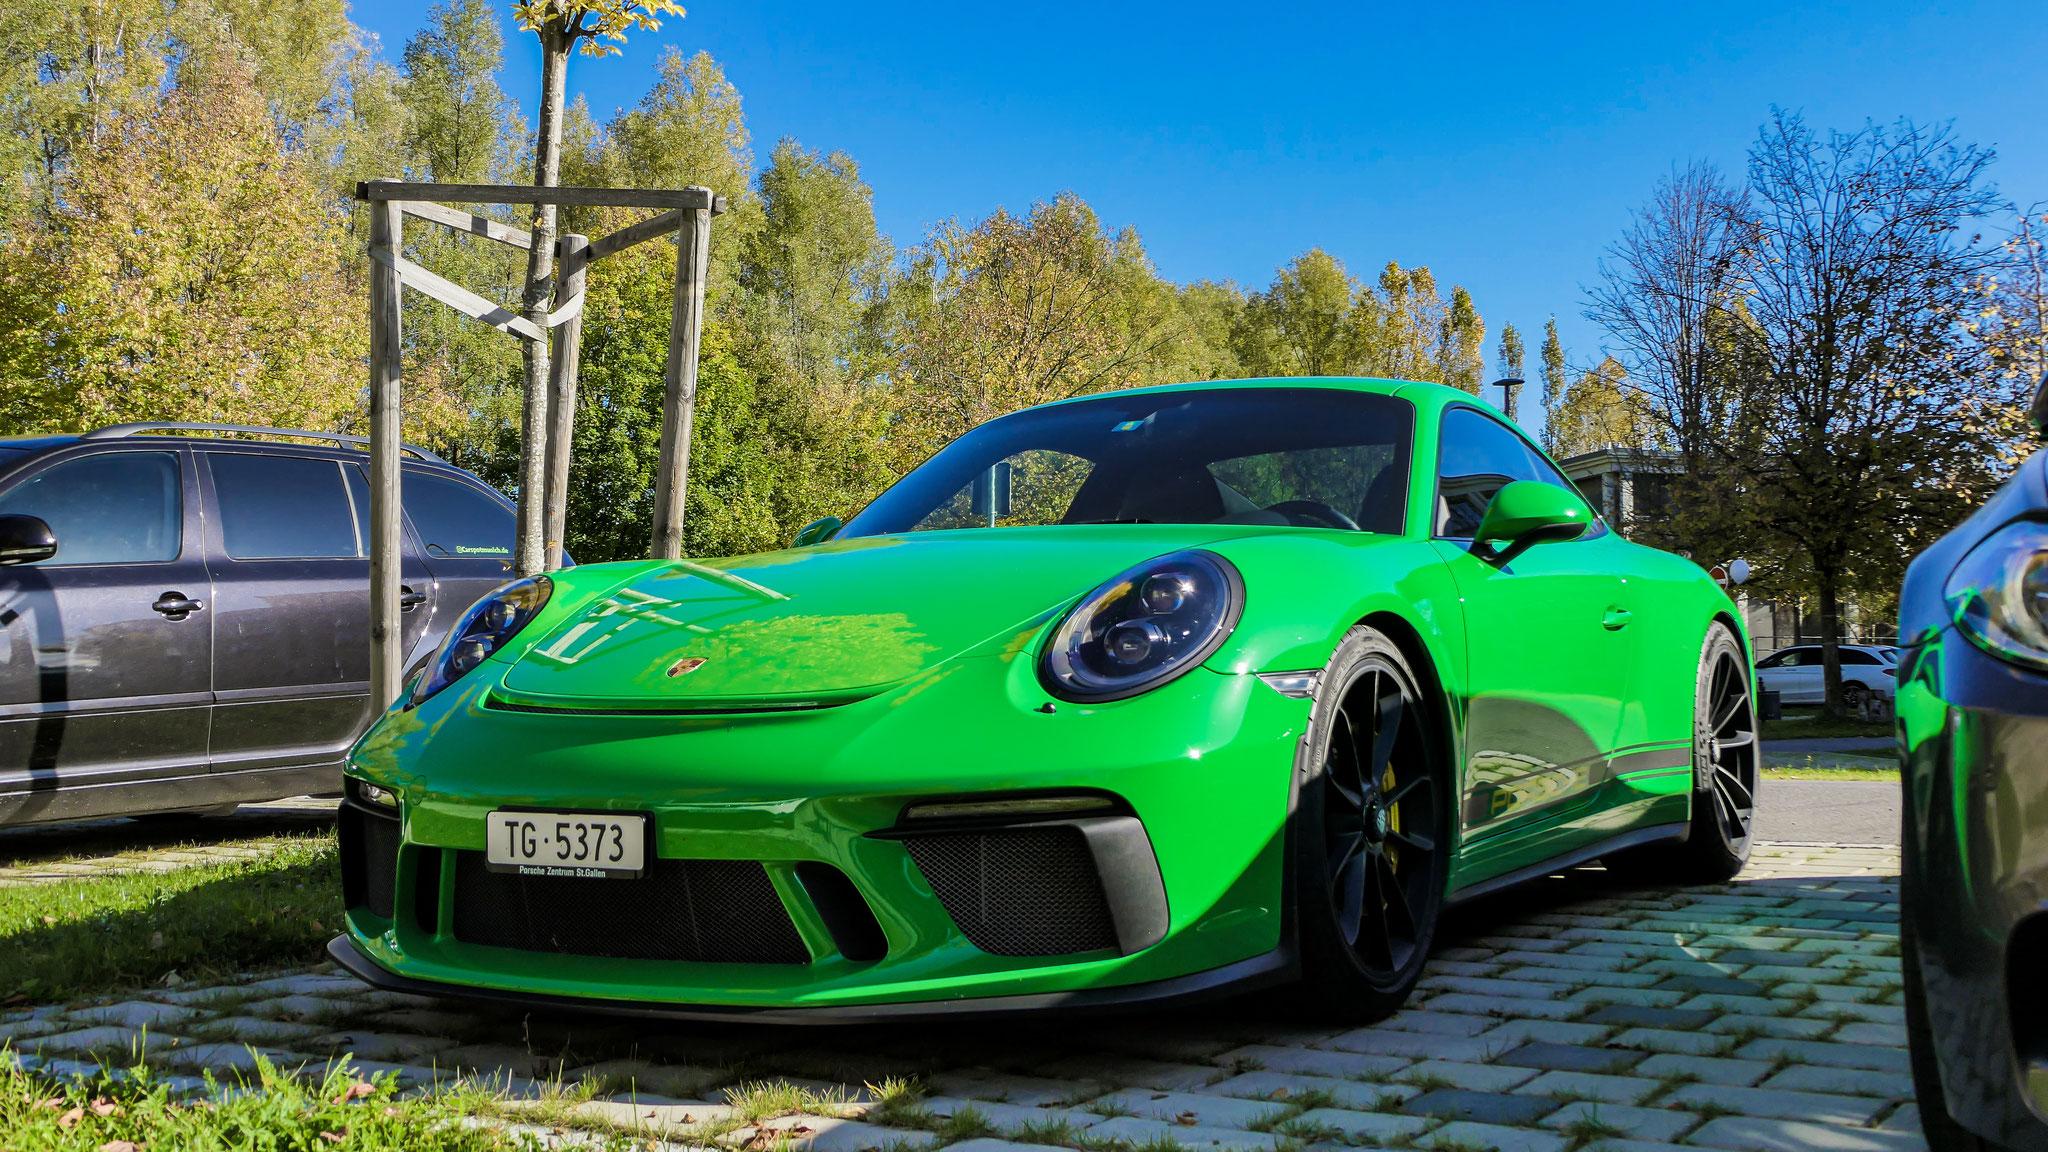 Porsche 991 GT3 Touring Package - TG-5373 (CH)